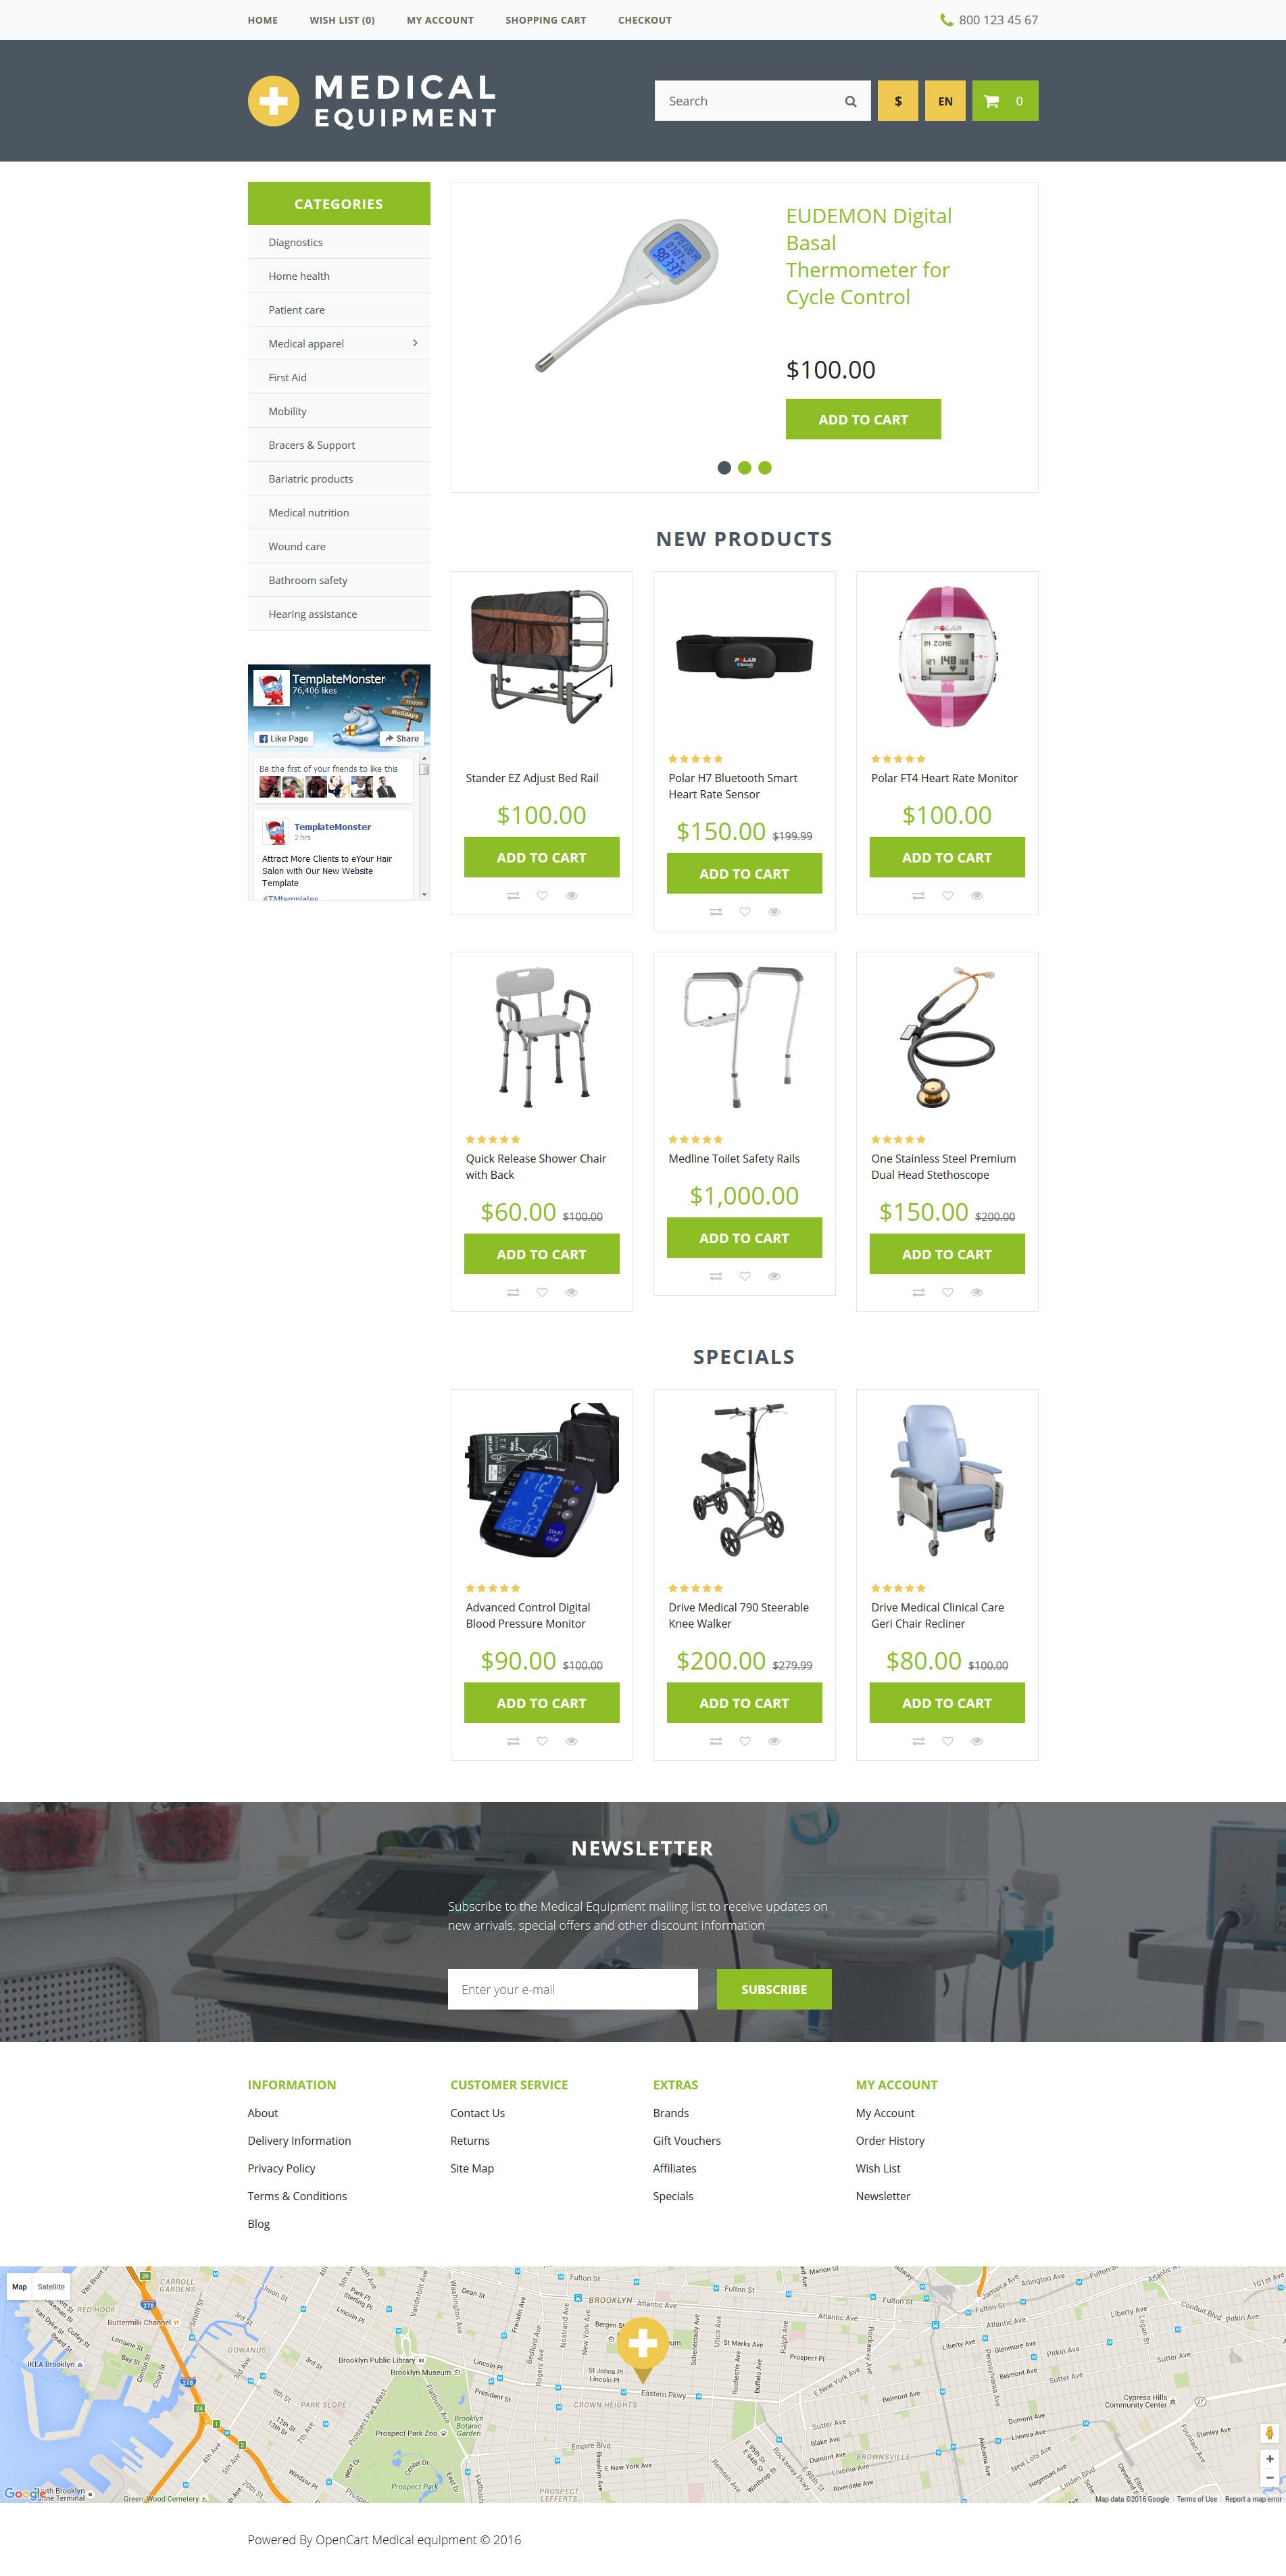 Responsywny szablon OpenCart Sklep medyczny #57712 - zrzut ekranu